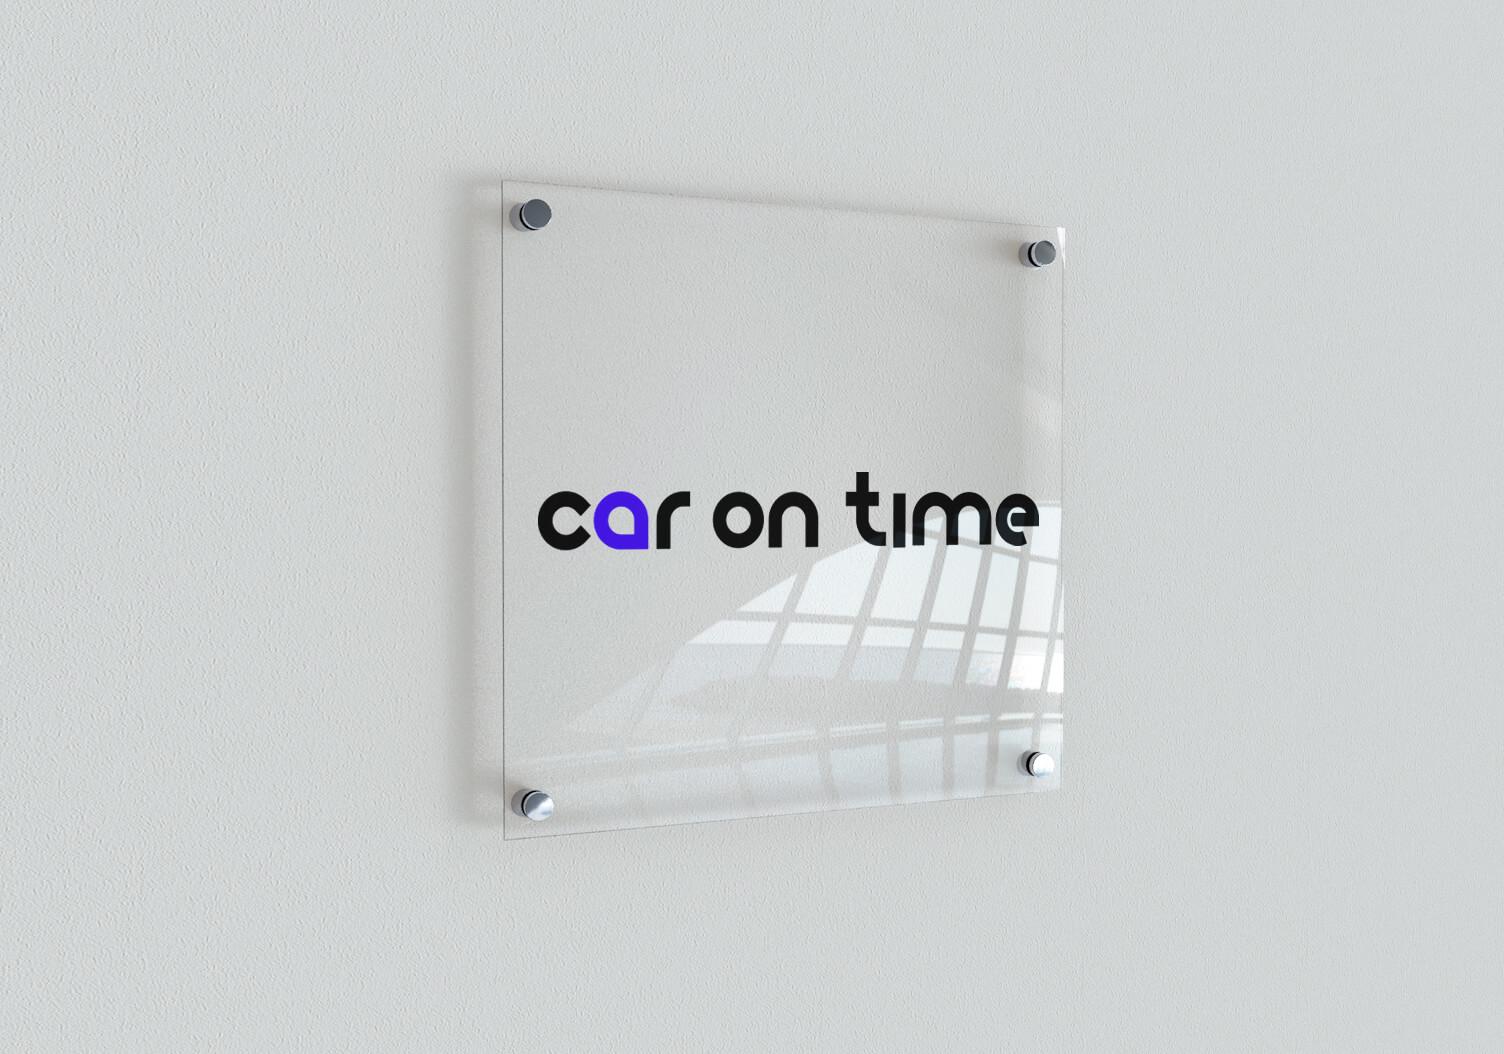 Car On Time - projekt logo i identyfikacji wizualnej nowej marki. Wypożyczalnia samochodów z Gliwic, Śląsk